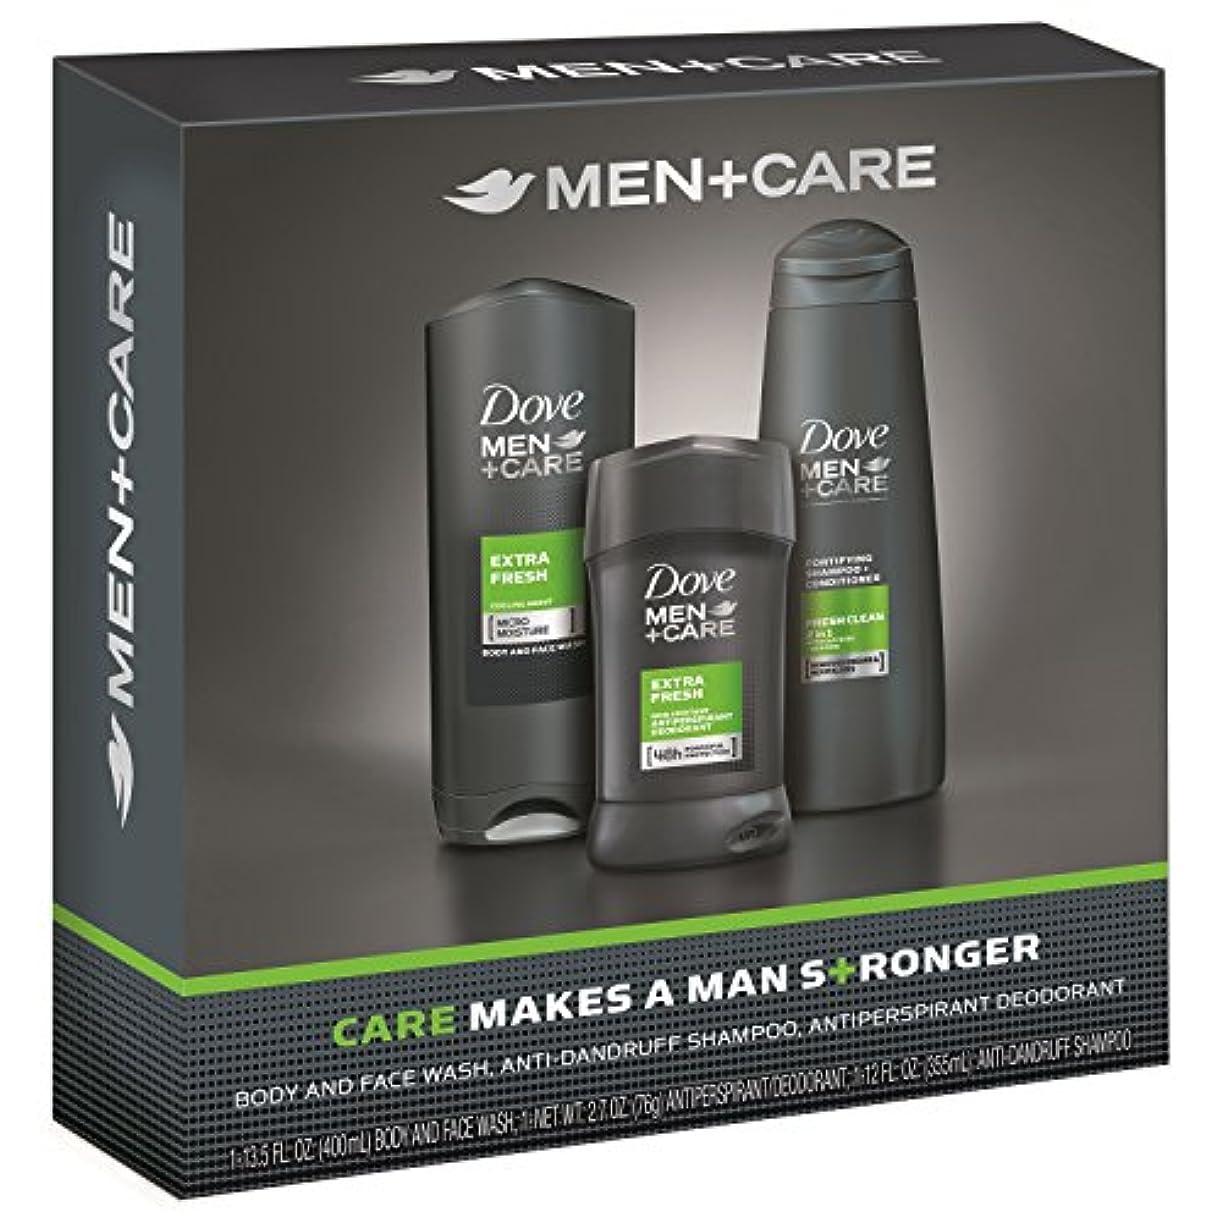 オリエントトレイセールスマンDove Men+Care Gift Pack Extra Fresh ダブ メンプラスケア ギフトパック エクストラフレッシュ